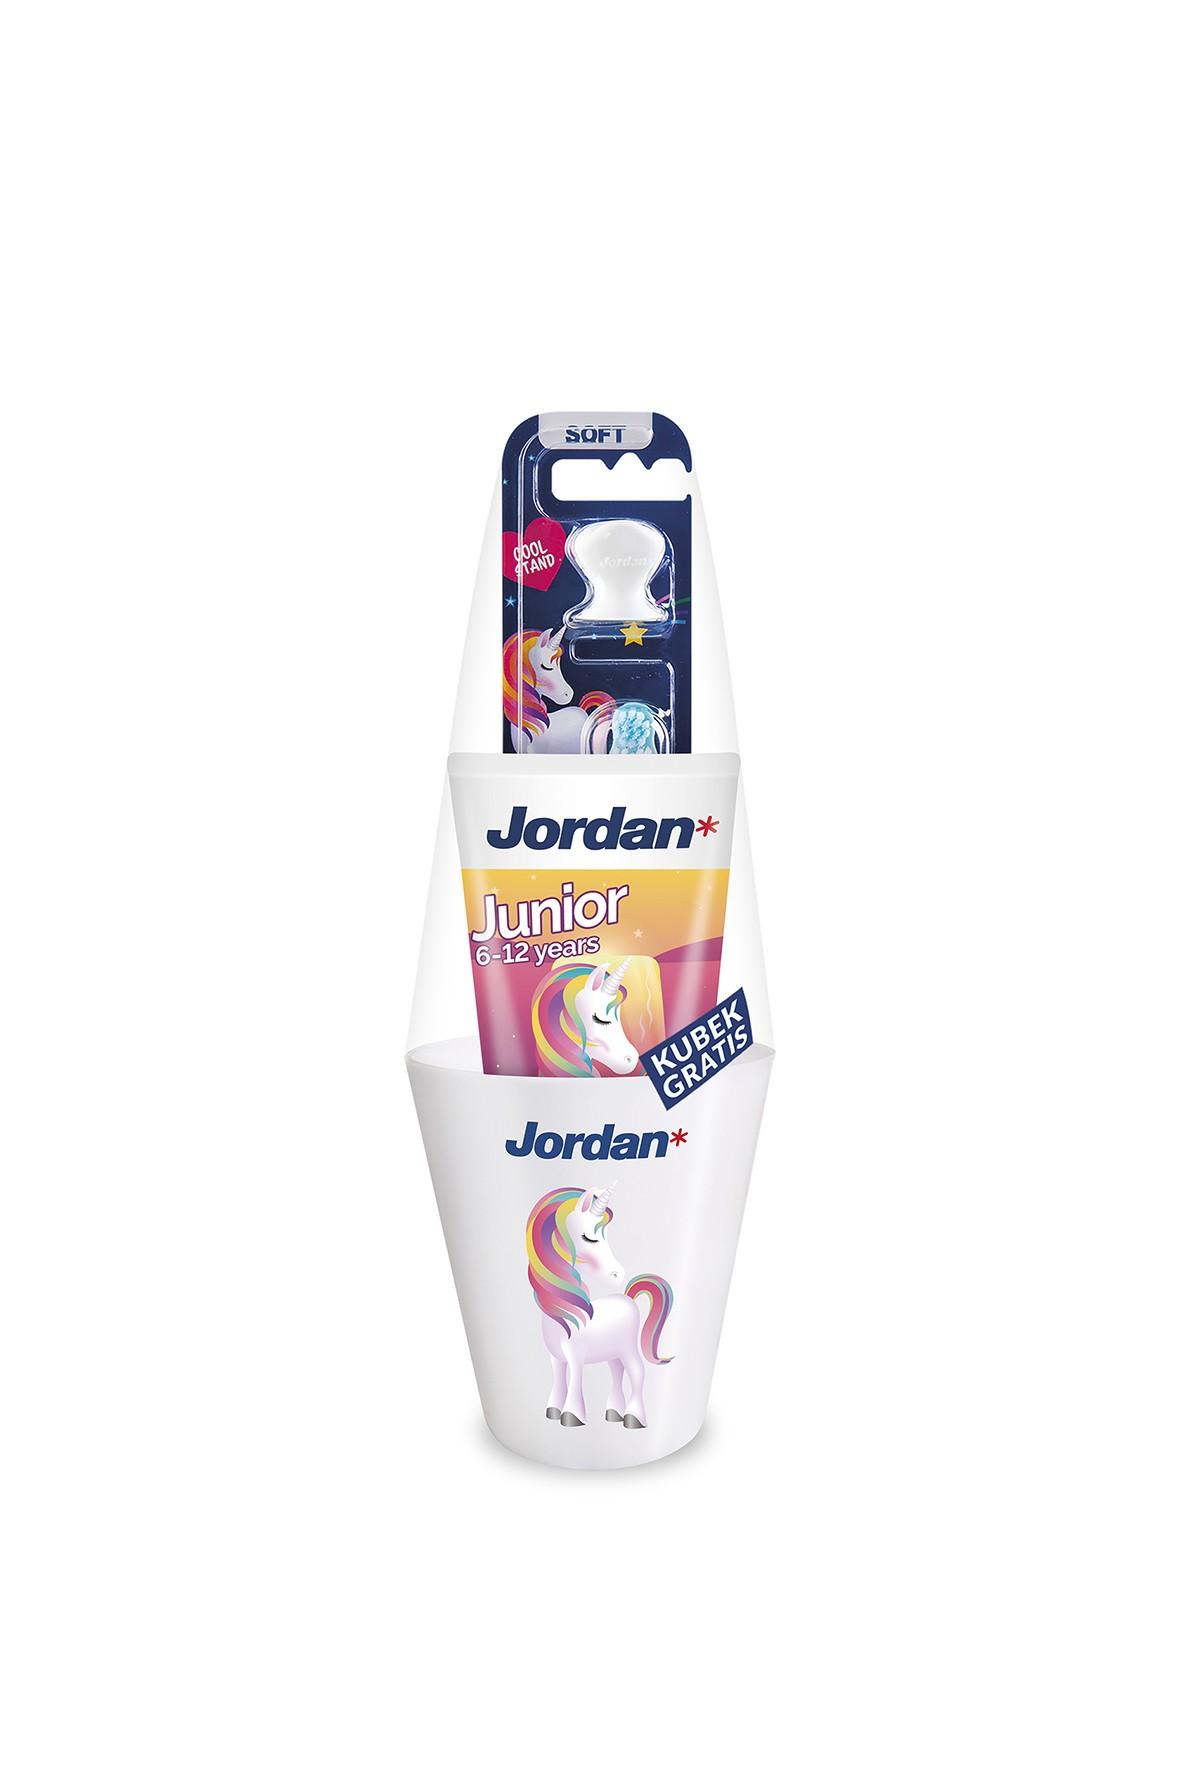 JORDAN zestaw Szczoteczka do zębów step 3 + Pasta junior + kubek duży jednorożec gratis